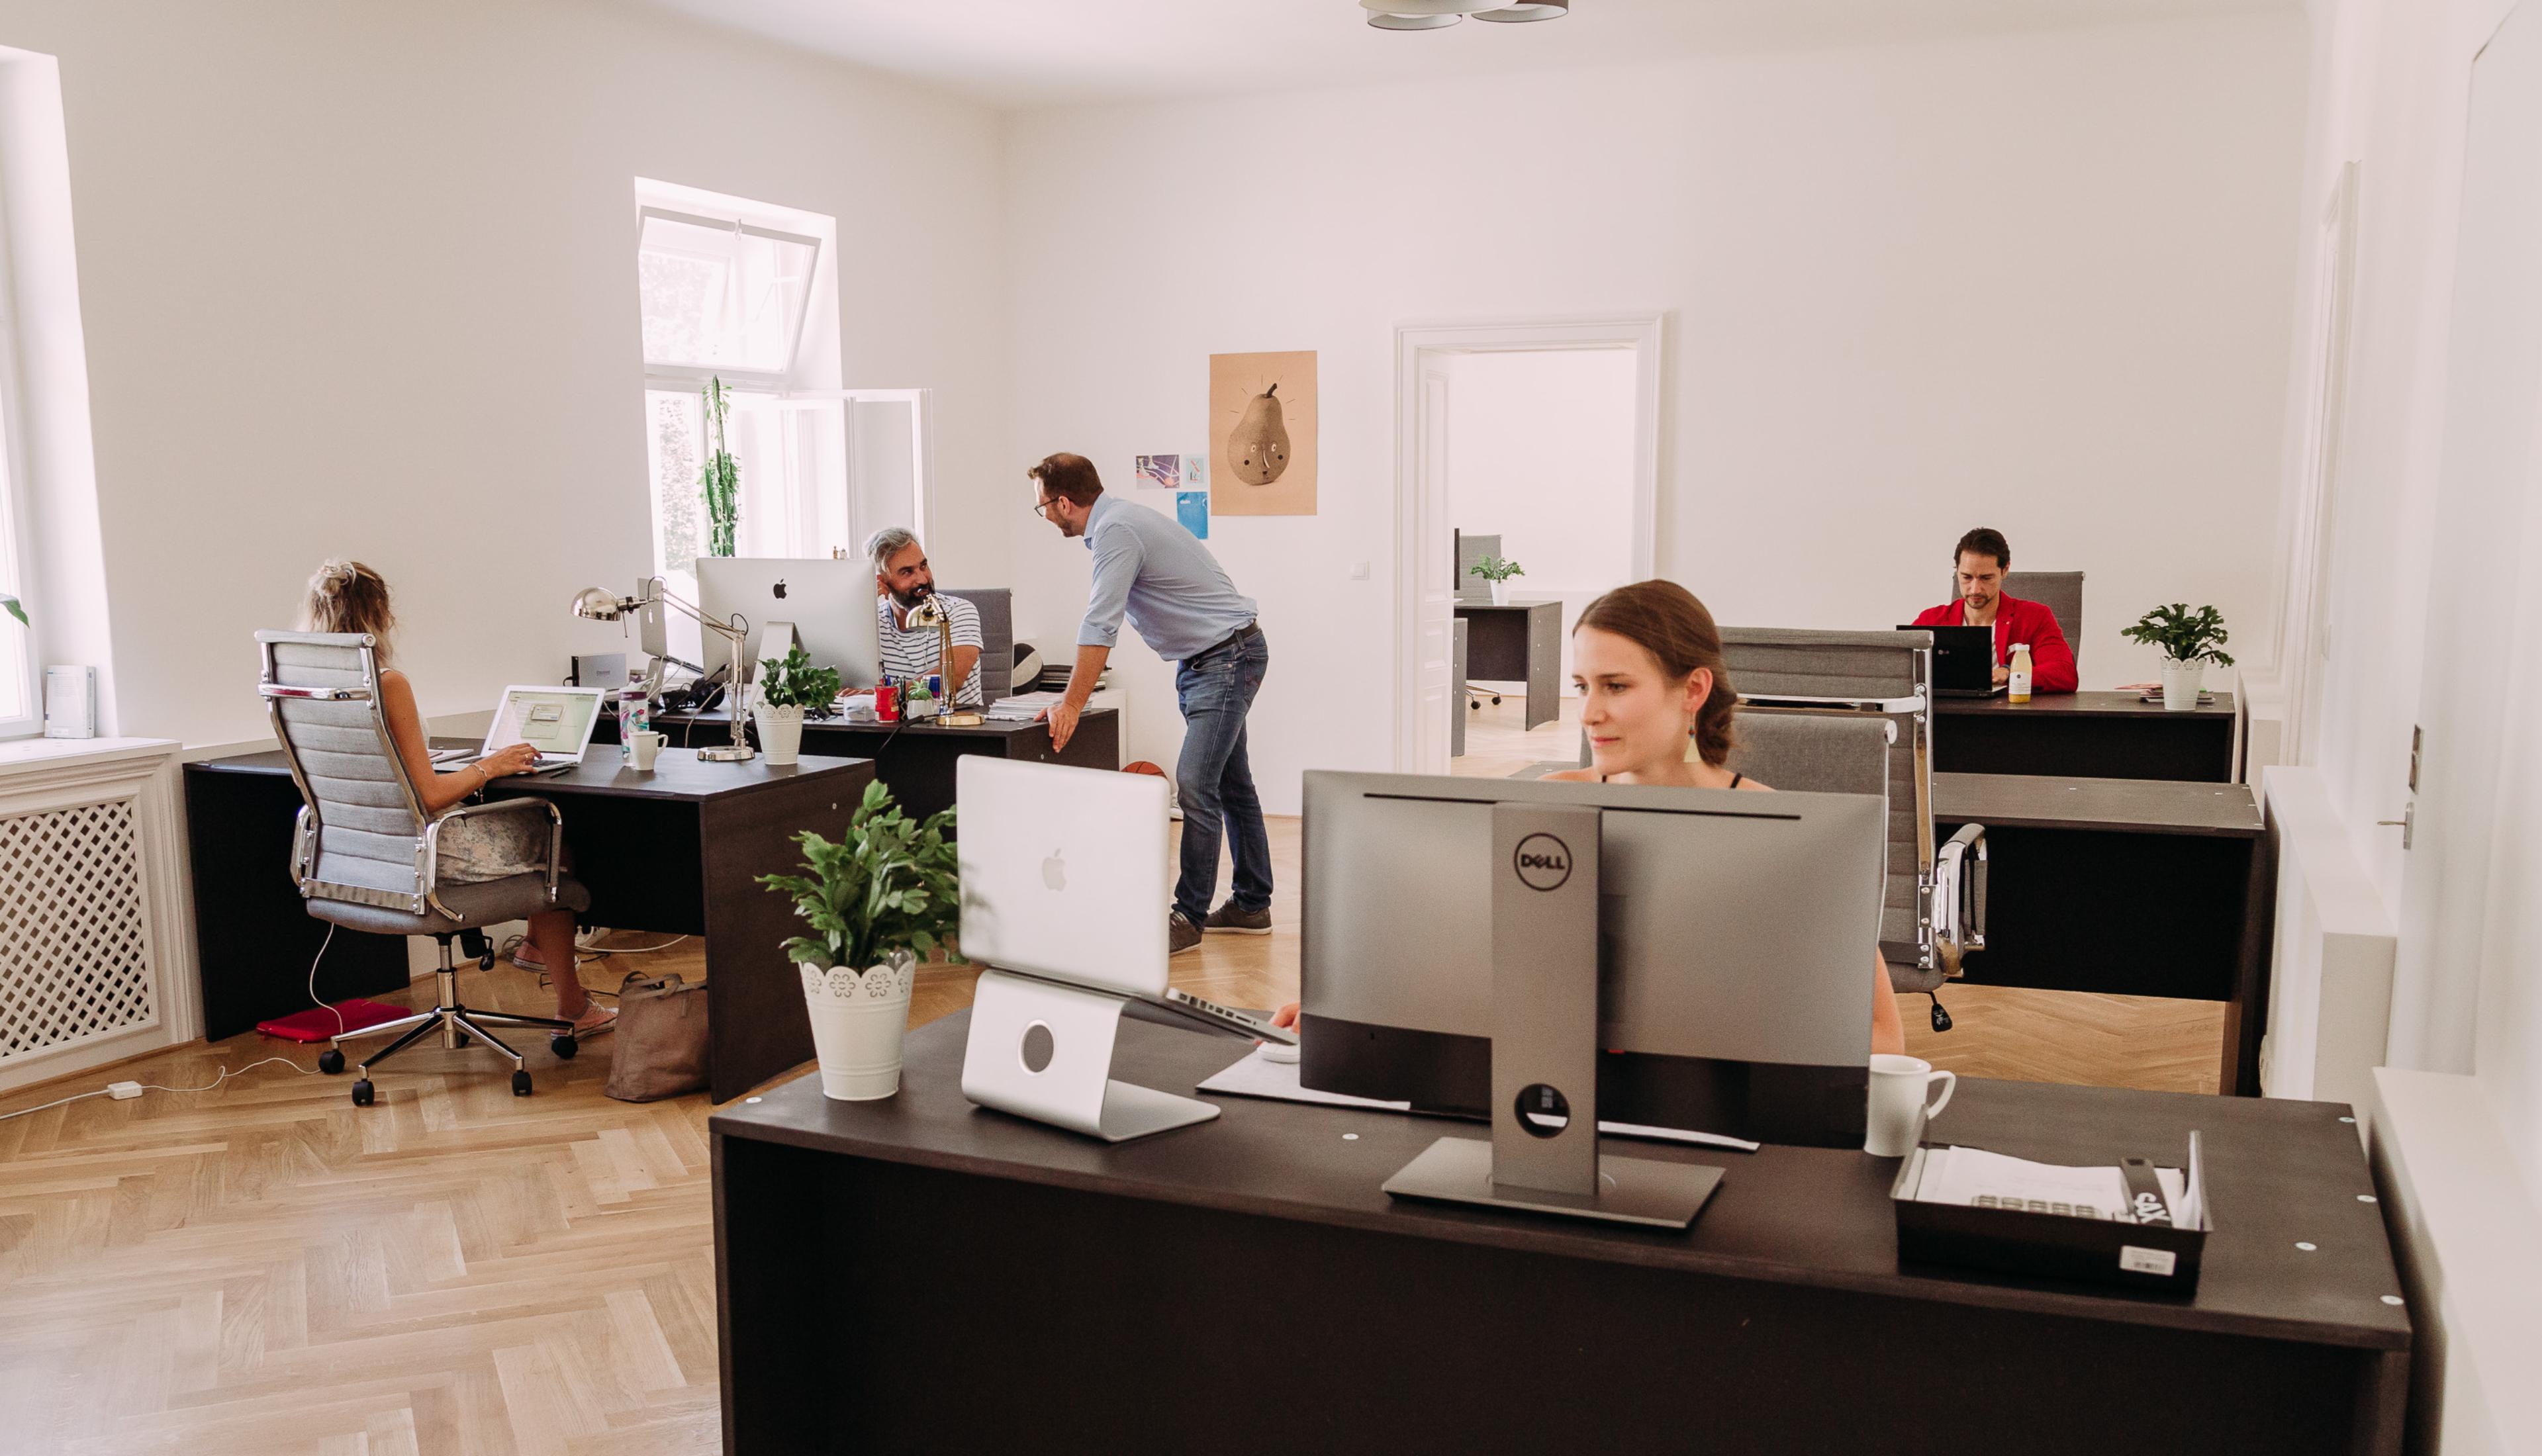 Großraumbüro – Bei der Arbeit